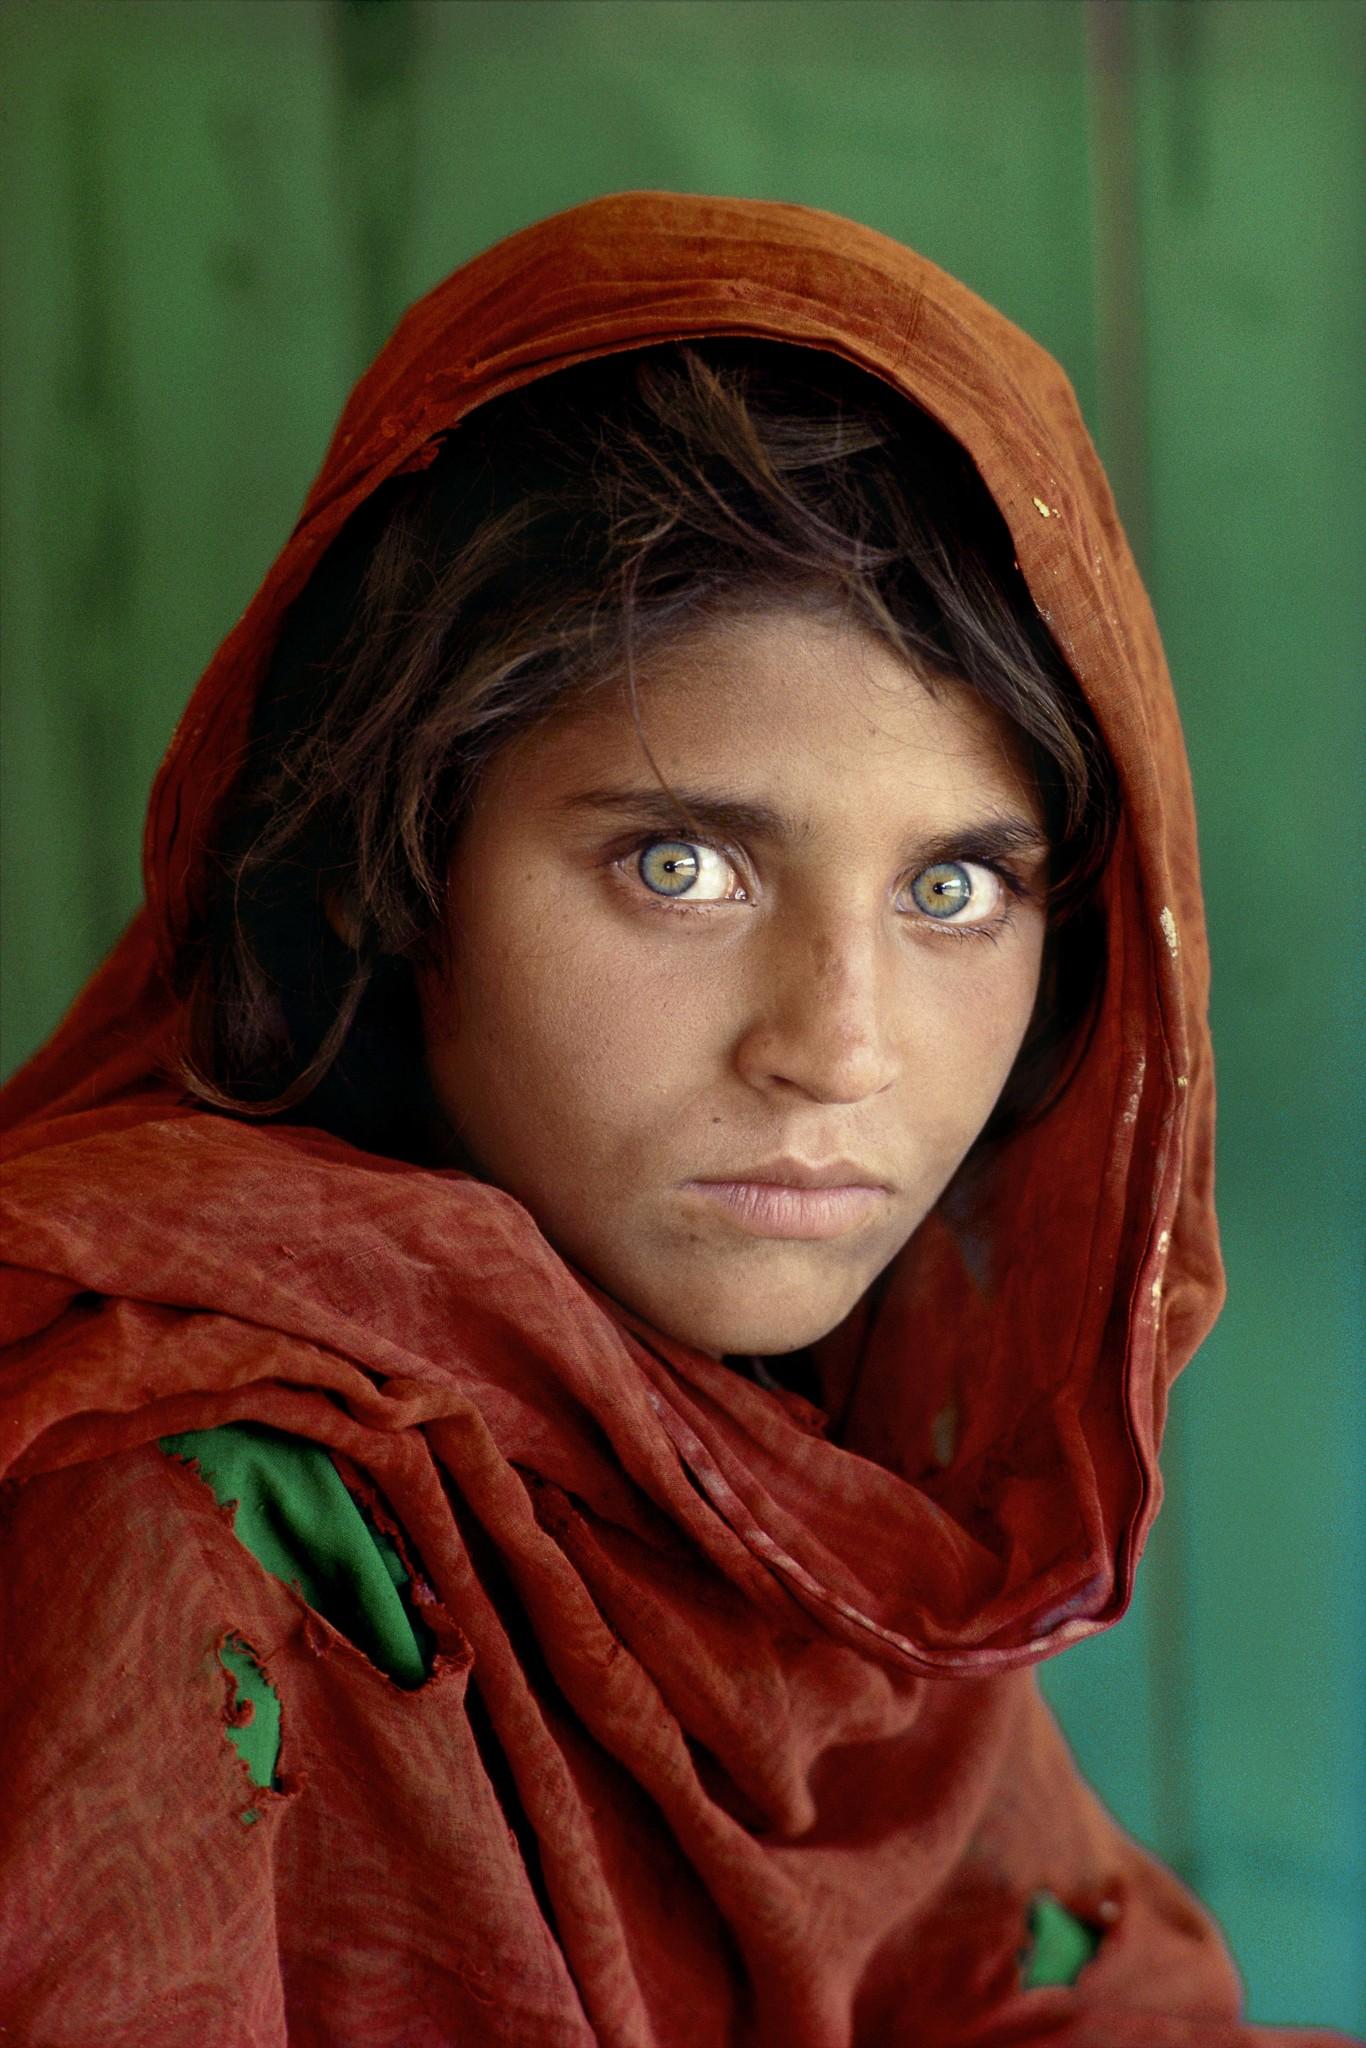 Фотограф Стив Мак-Карри (Steve McCurry): «Лицо человека может рассказать очень многое» [400 фото]